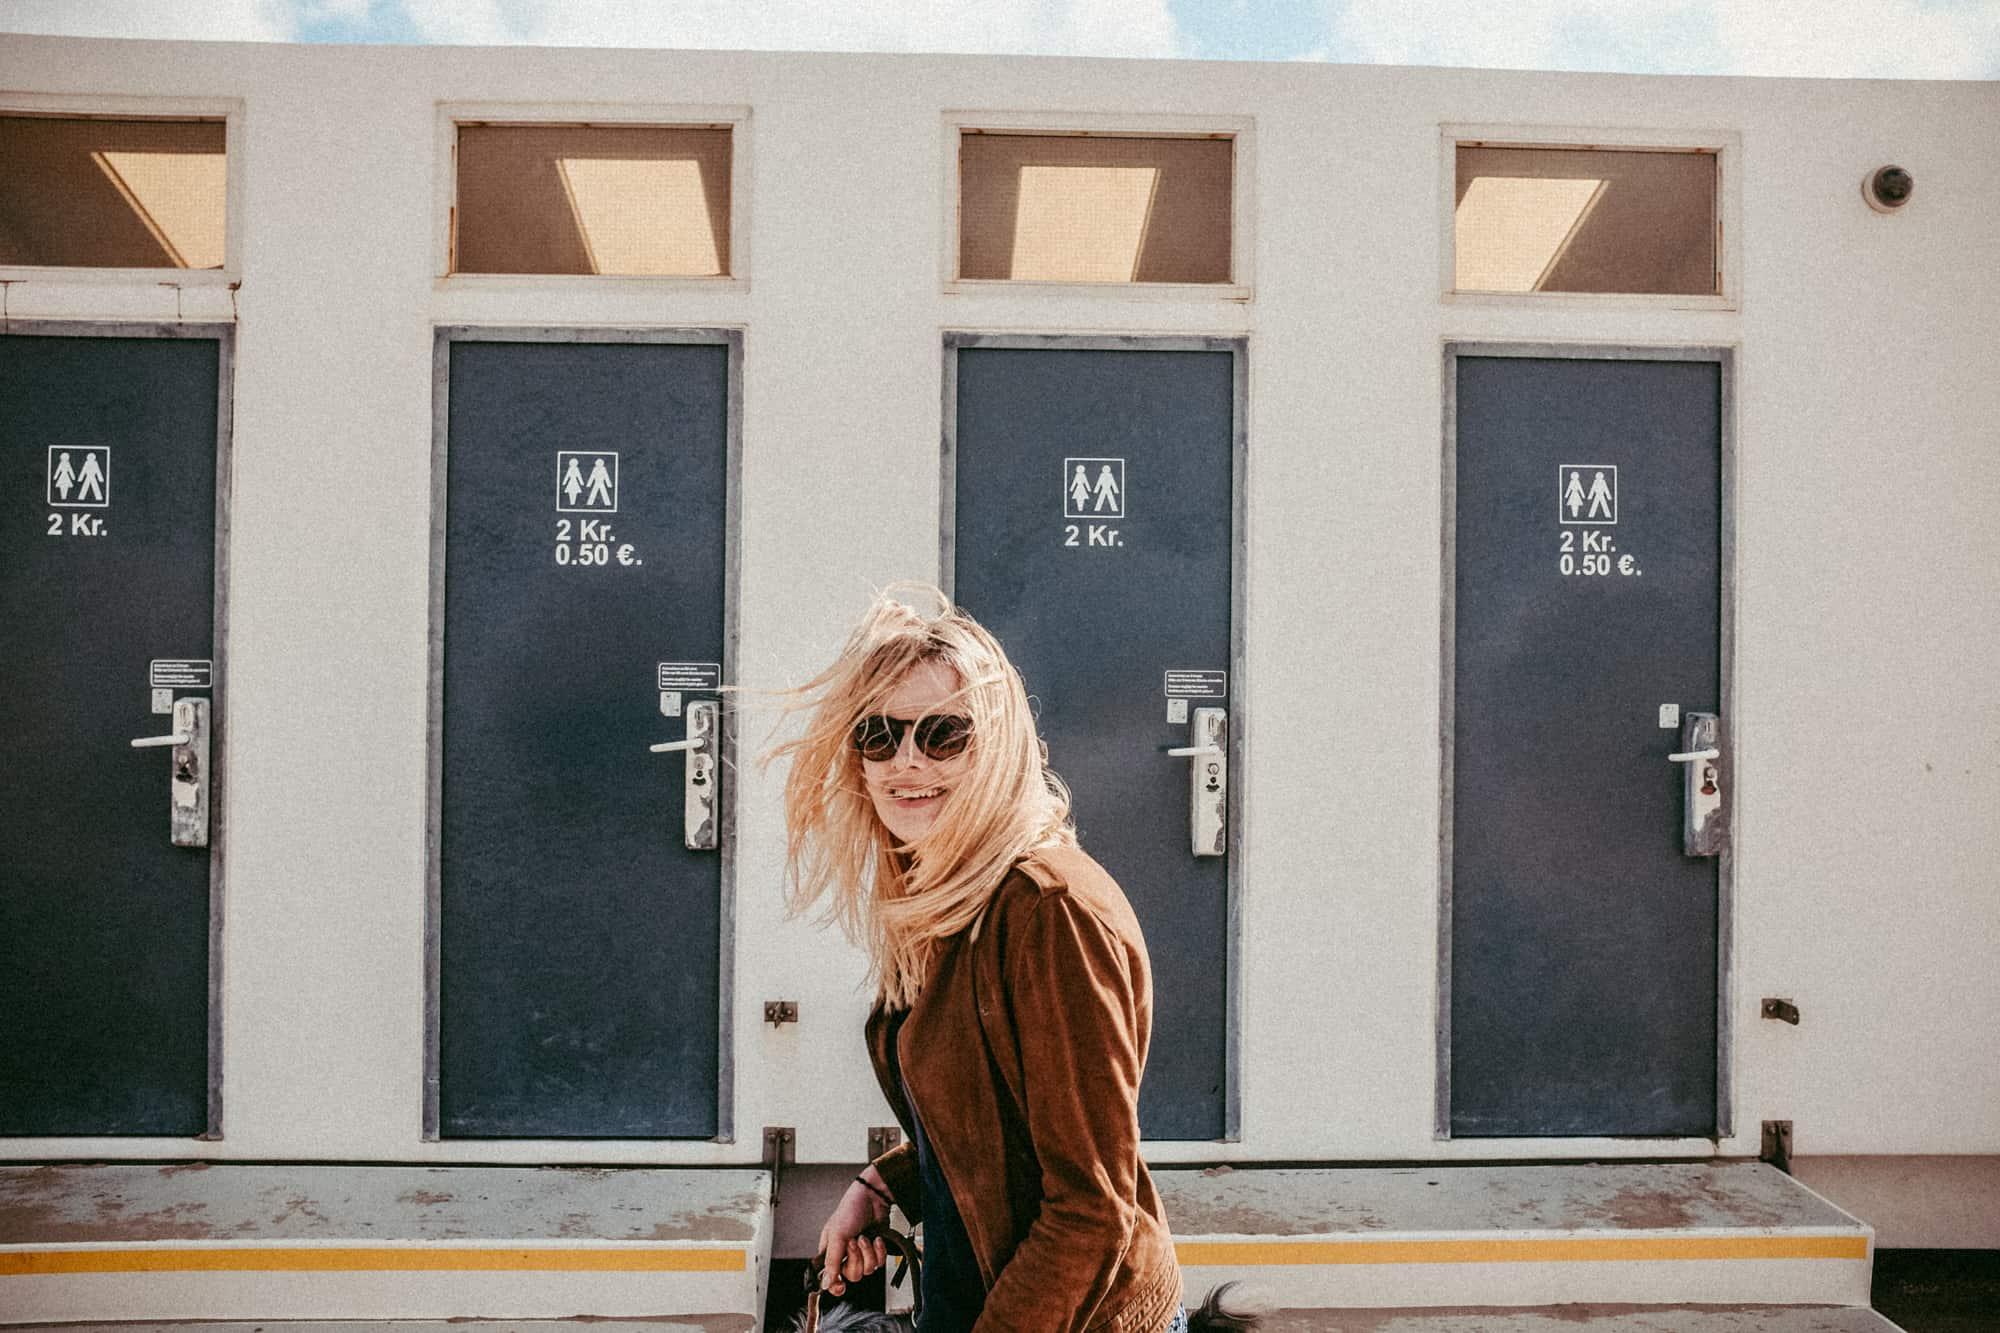 Sylt Fotograf Nordsee Landschaft Hochzeit Meer Fotografie Strand Sand Wasser Sonnenuntergang Portrait Leuchtturm Heiraten auf Sylt Norden Hochzeitsfotograf Sylt Syltfotos Landschaftsfotos Schwarz Weiß SW Strandhochezit Standesamt Sylt Heiraten am Meer Reisen Thailand Travel Mailand Milano